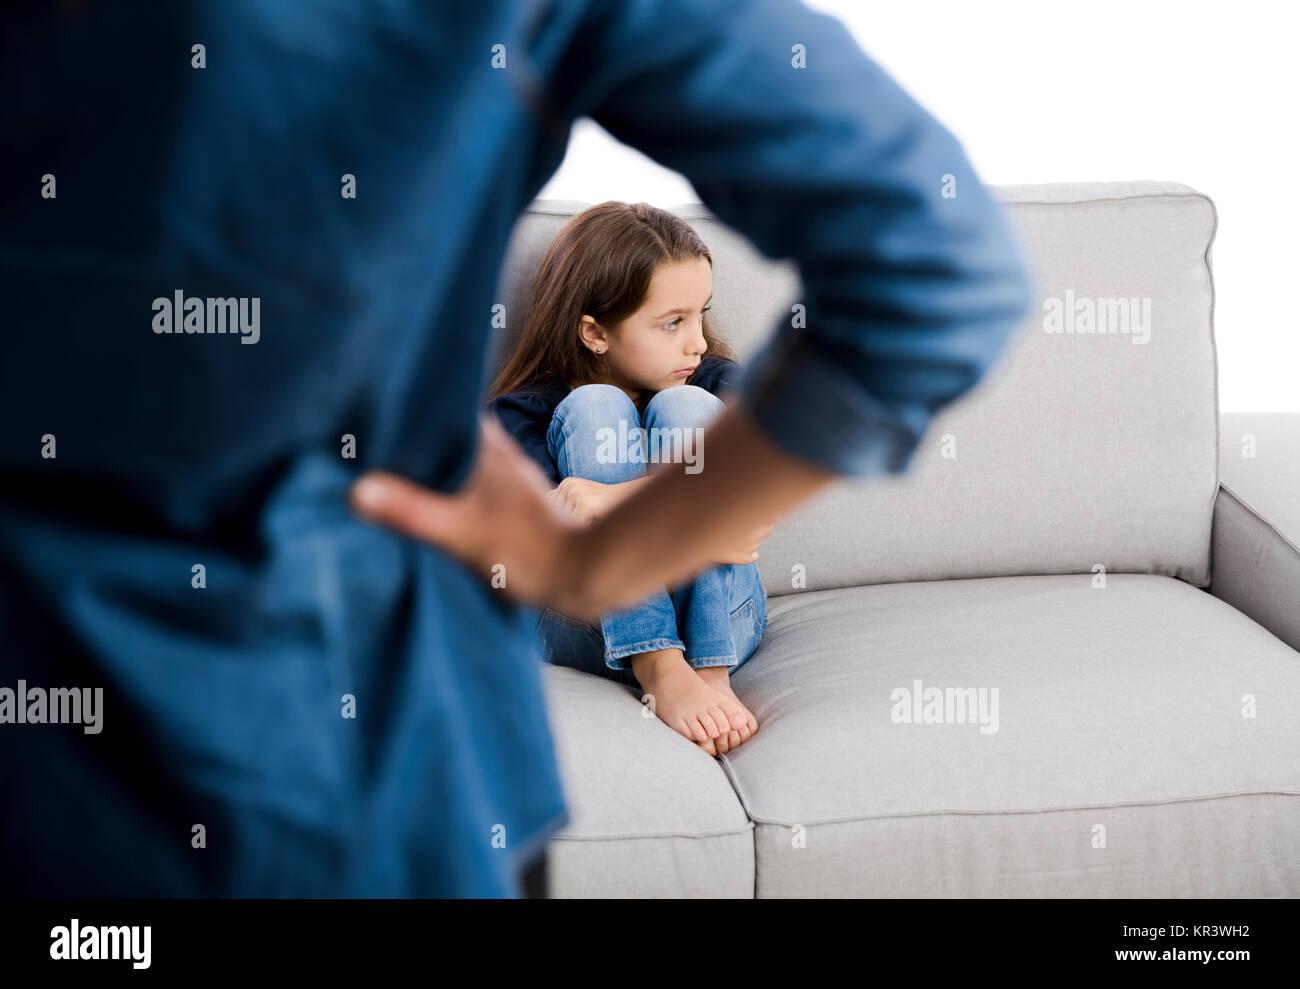 Punishment for poor behaviour 4